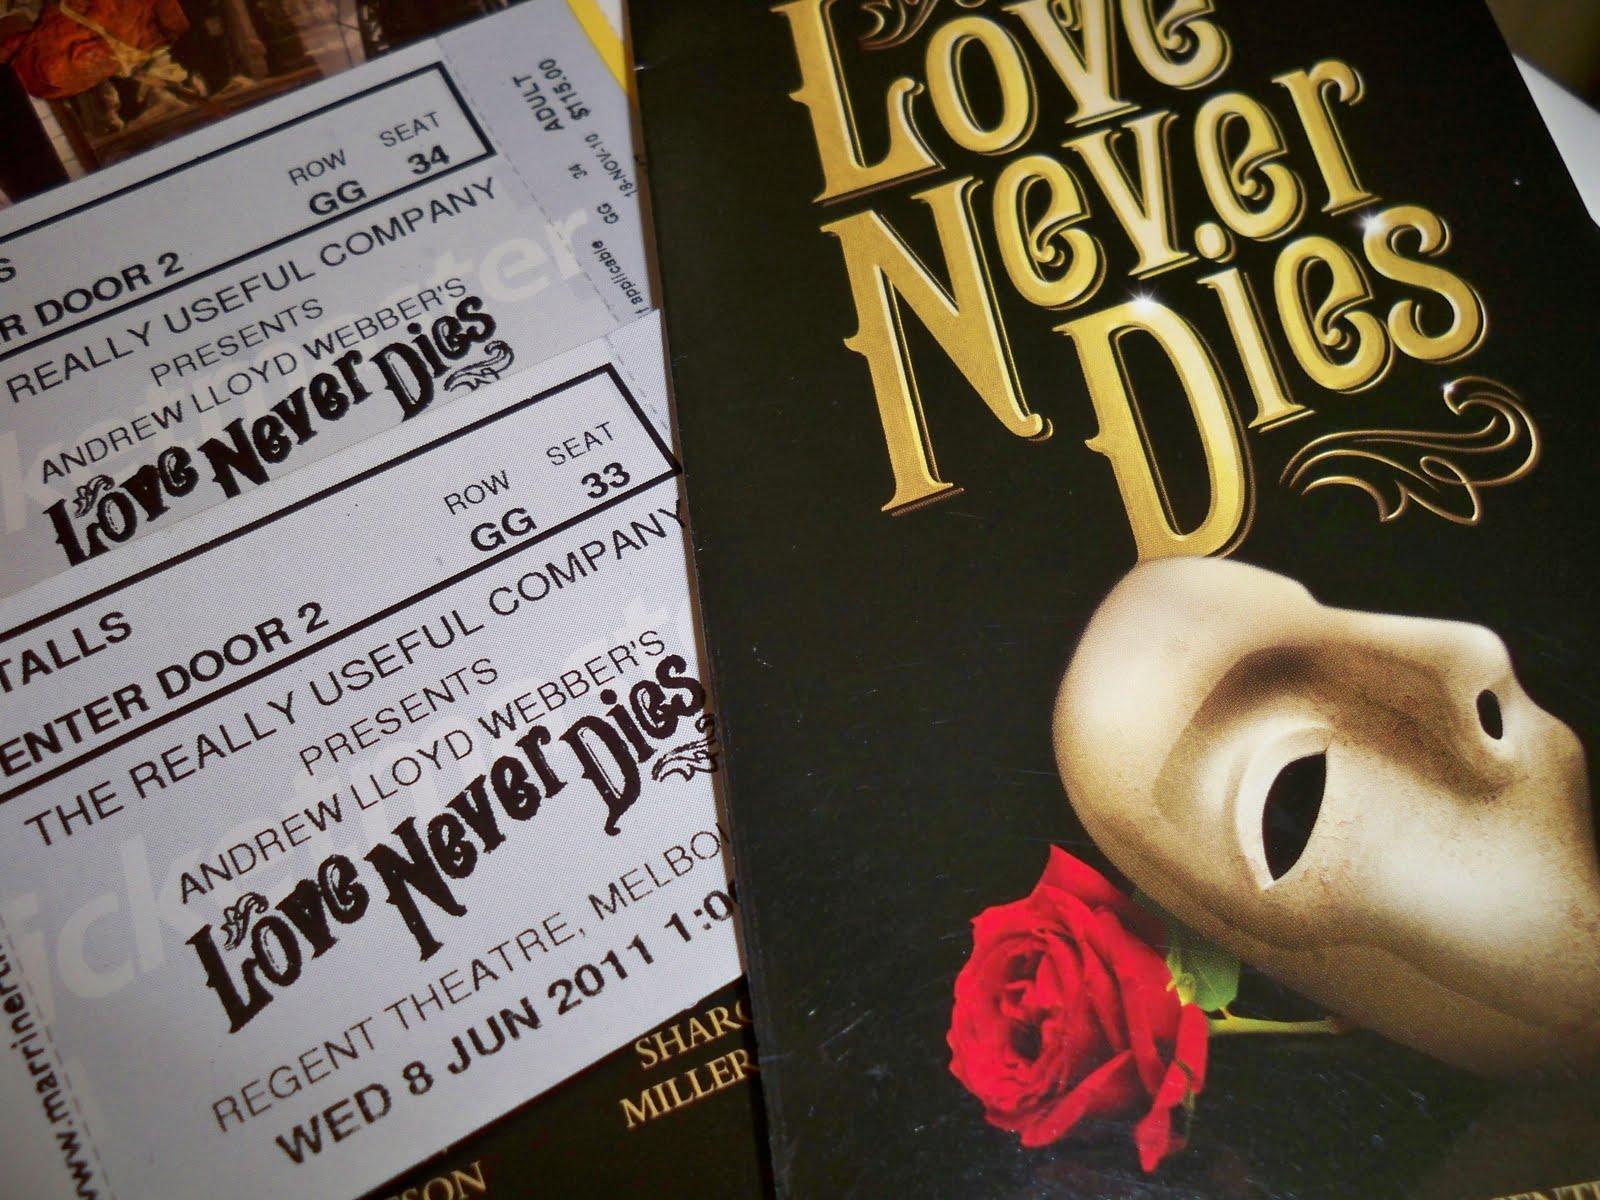 Love Never Dies Phantom Wallpaper Love Never Dies is Truly a